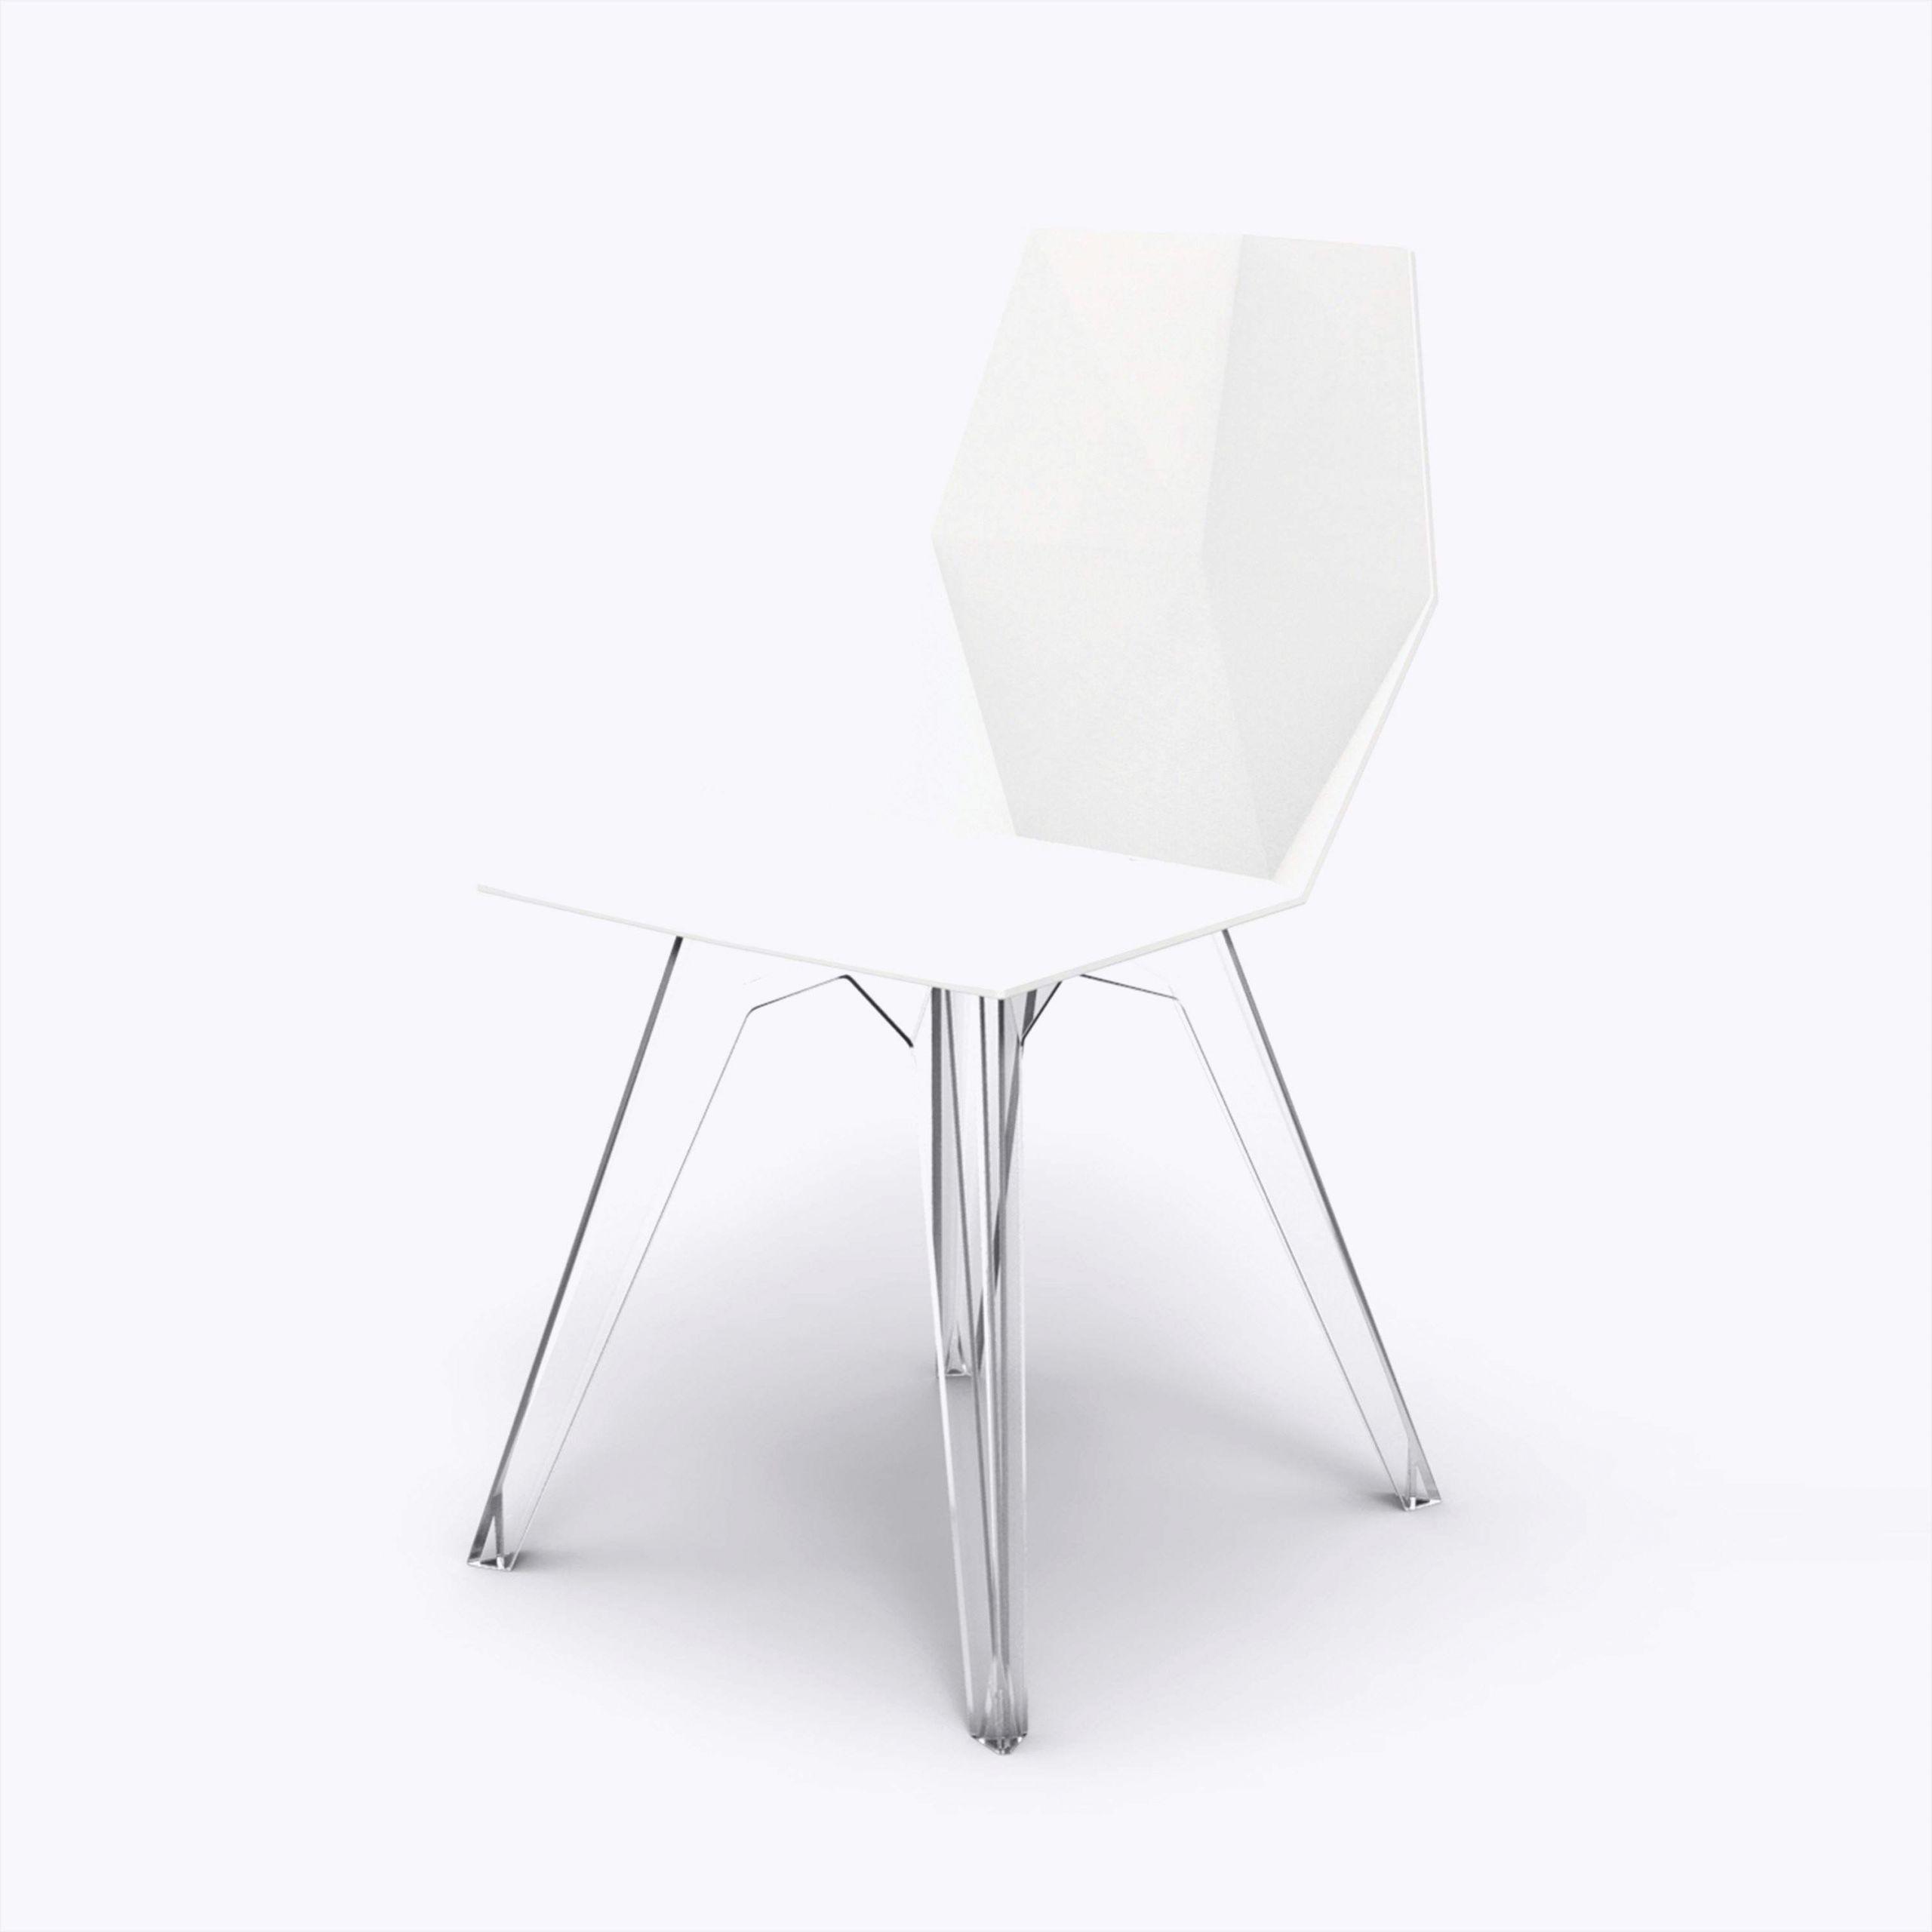 planche bois pour table luxe table cuisine table cuisine bois massif frais fauteuil salon 0d of planche bois pour table